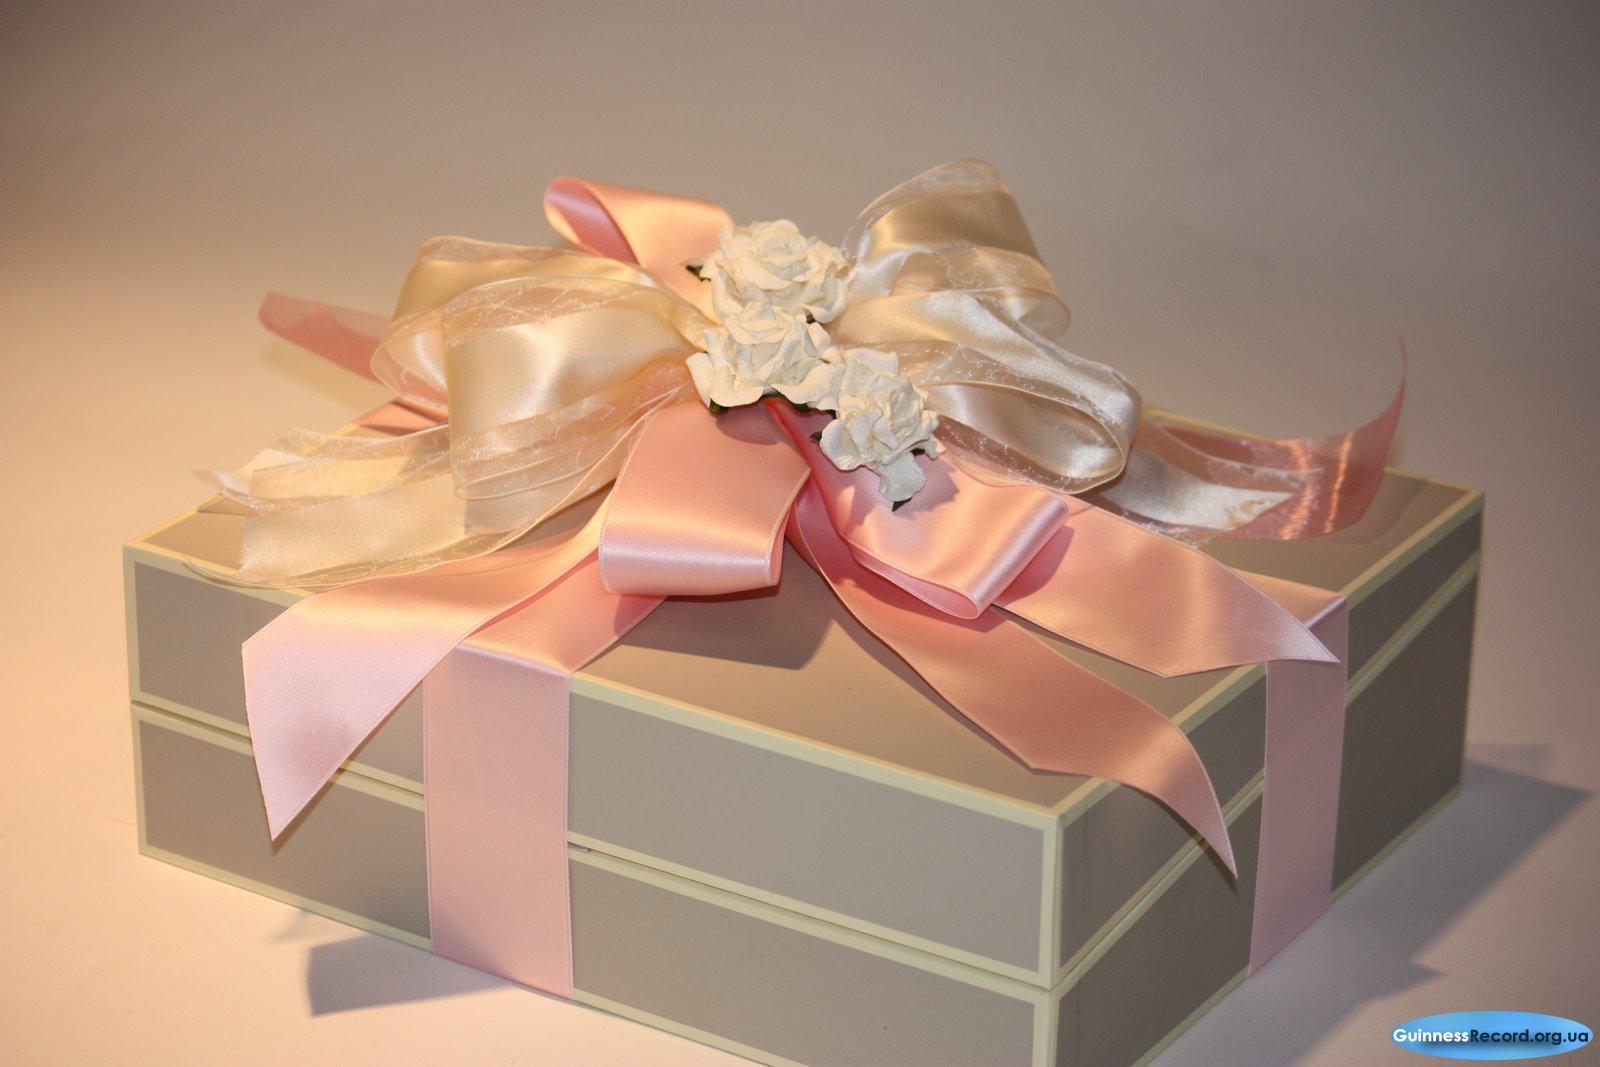 Примеры интересных подарков 14 фотография